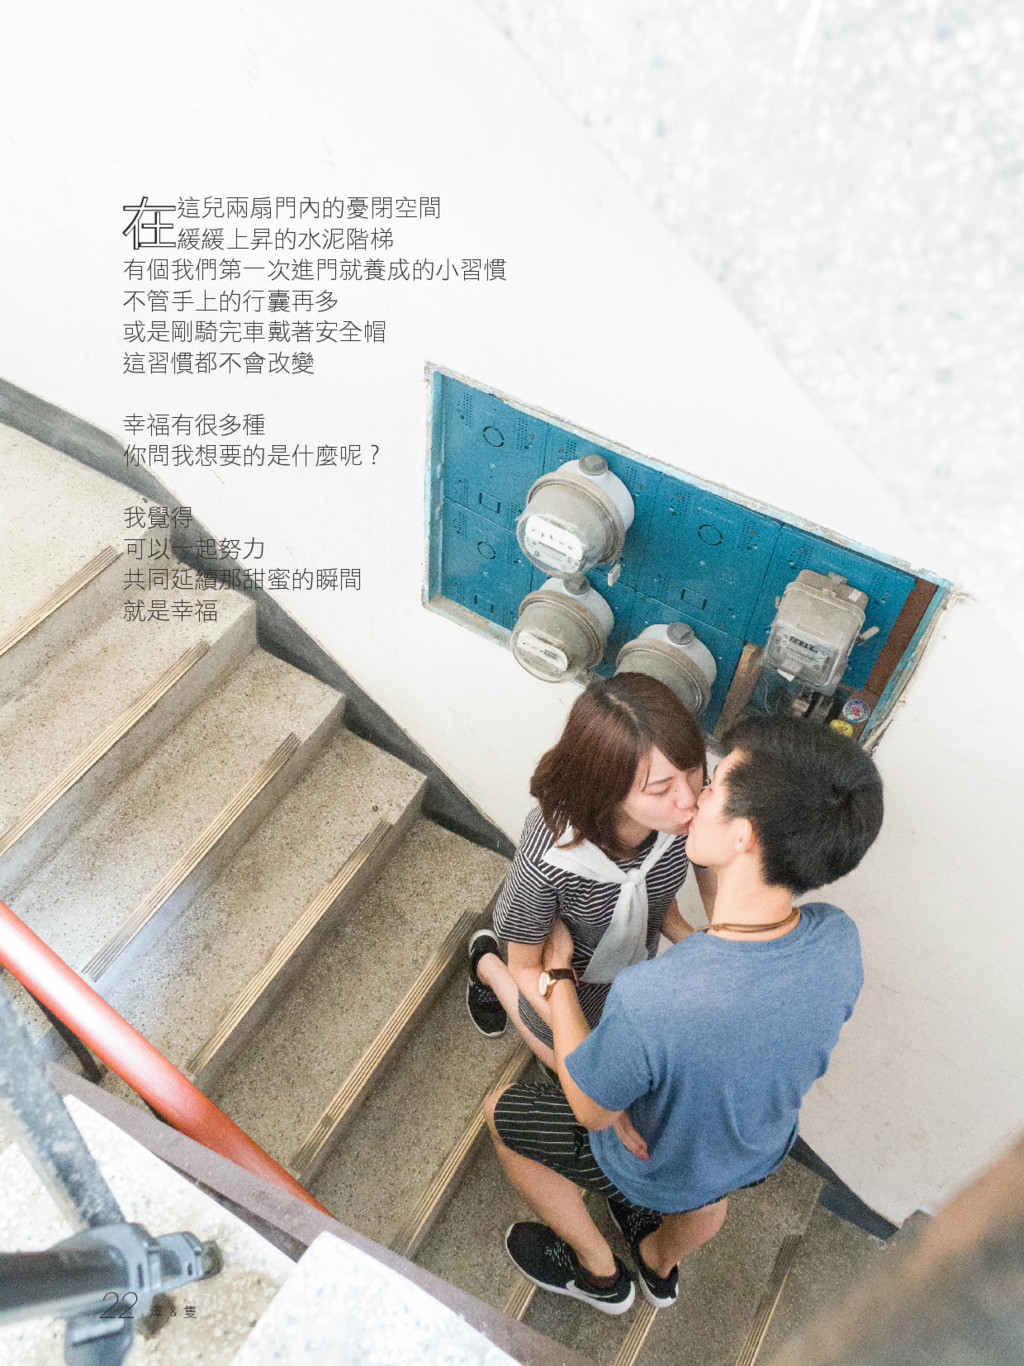 在 這兒兩扇門內的憂閉空間 緩緩上昇的水泥階梯 有個我們第一次進門就養成的小習慣 不管手上的行...